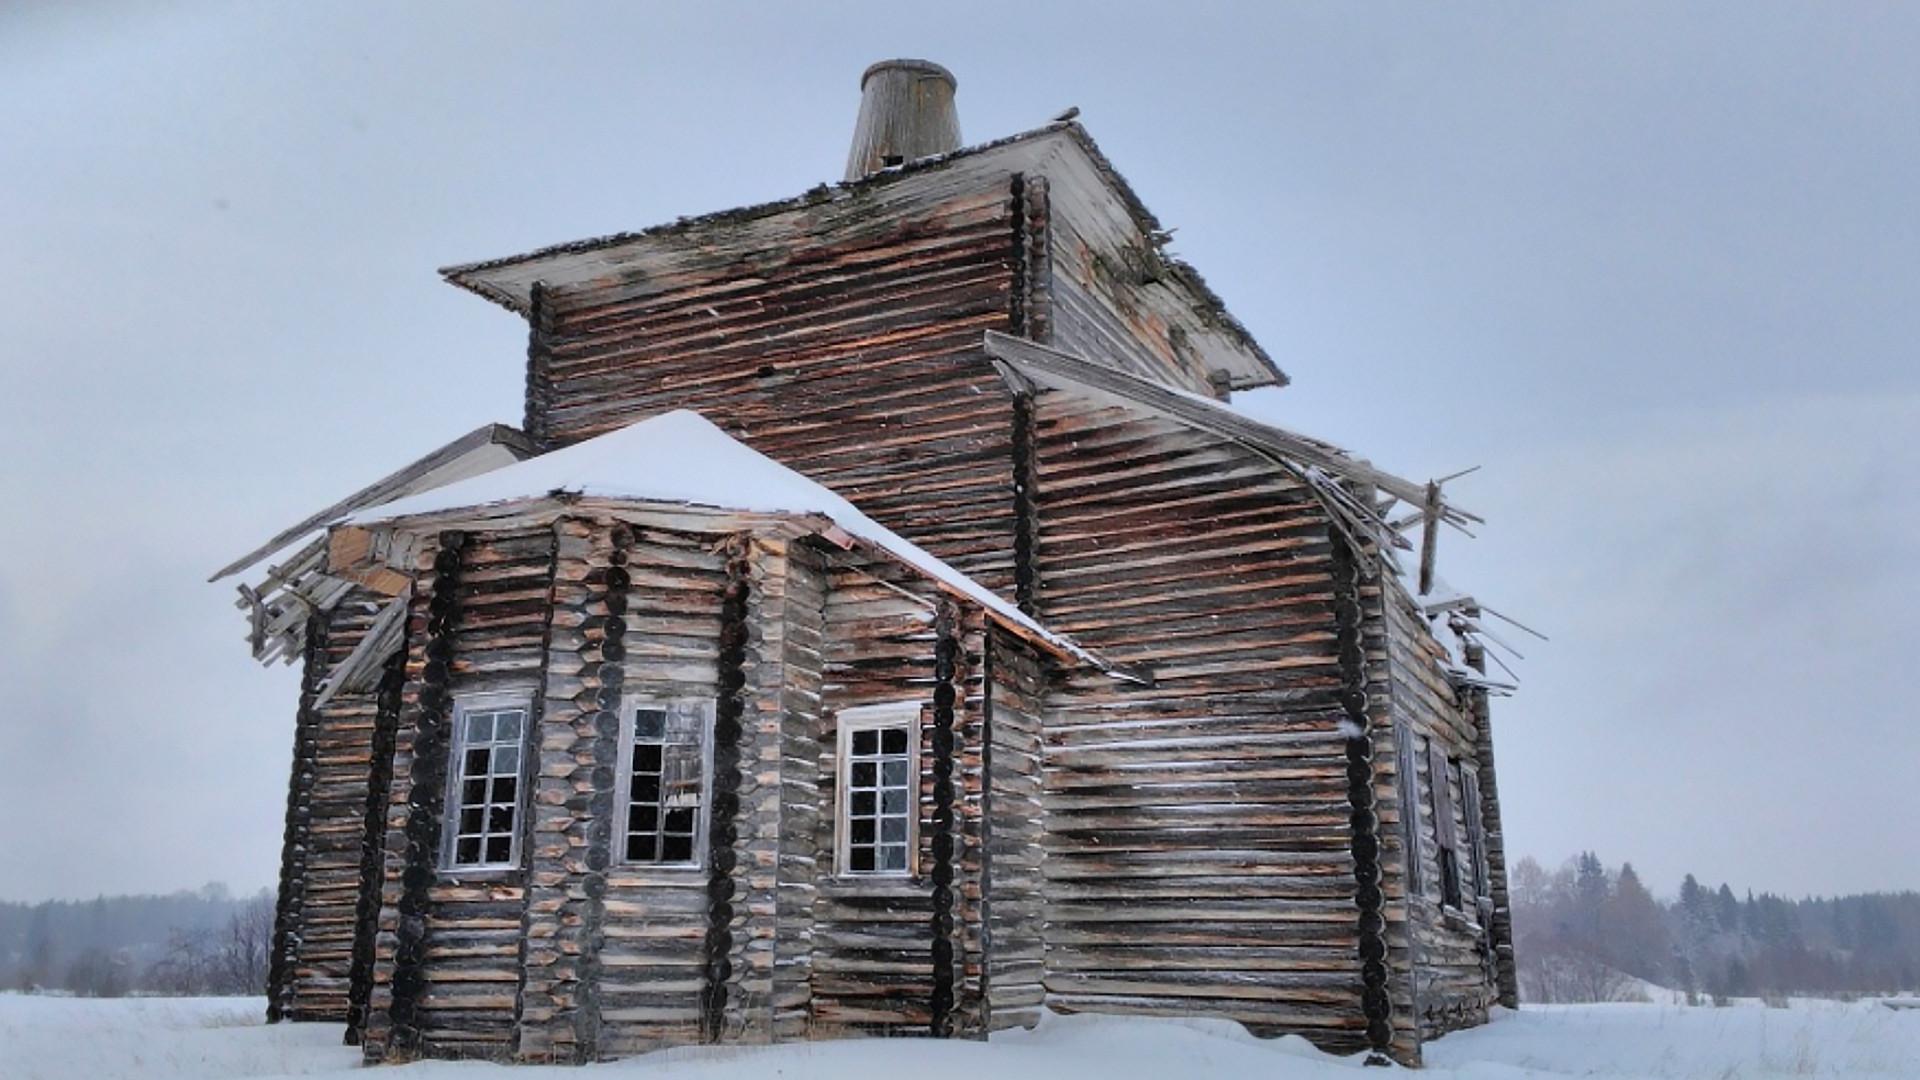 """<p>Фото: &nbsp;&copy;&nbsp;<a href=""""http://obsheedelo.ru/index.php/khramy-i-chasovni/katalog/regionalnye/item/796-khram-svyatitelya-nikolaya-chudotvortsa-v-d-yumizh"""" target=""""_blank"""">obsheedelo.ru</a></p>"""